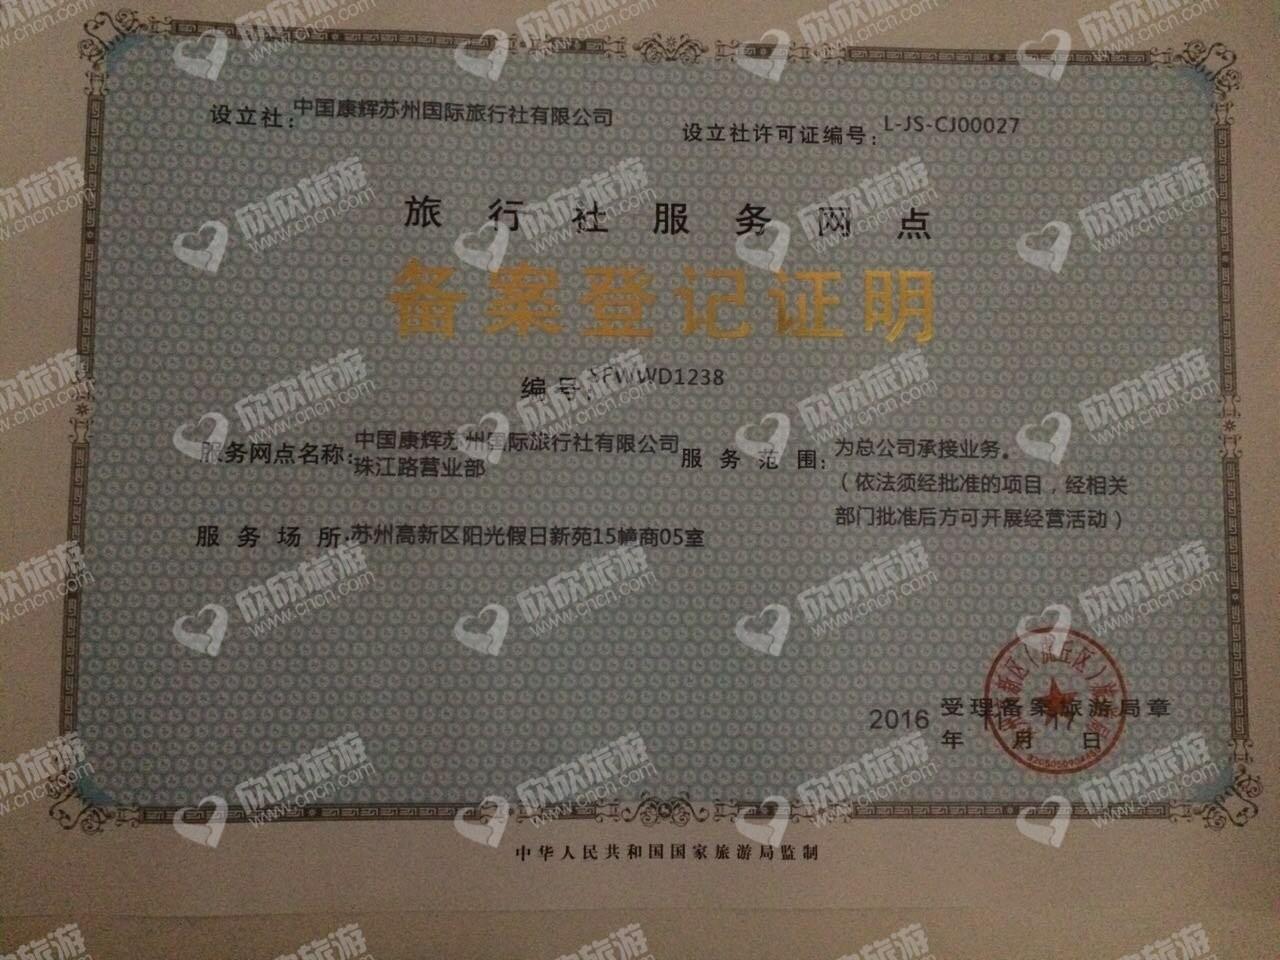 中国康辉苏州国际旅行社有限公司珠江路营业部经营许可证